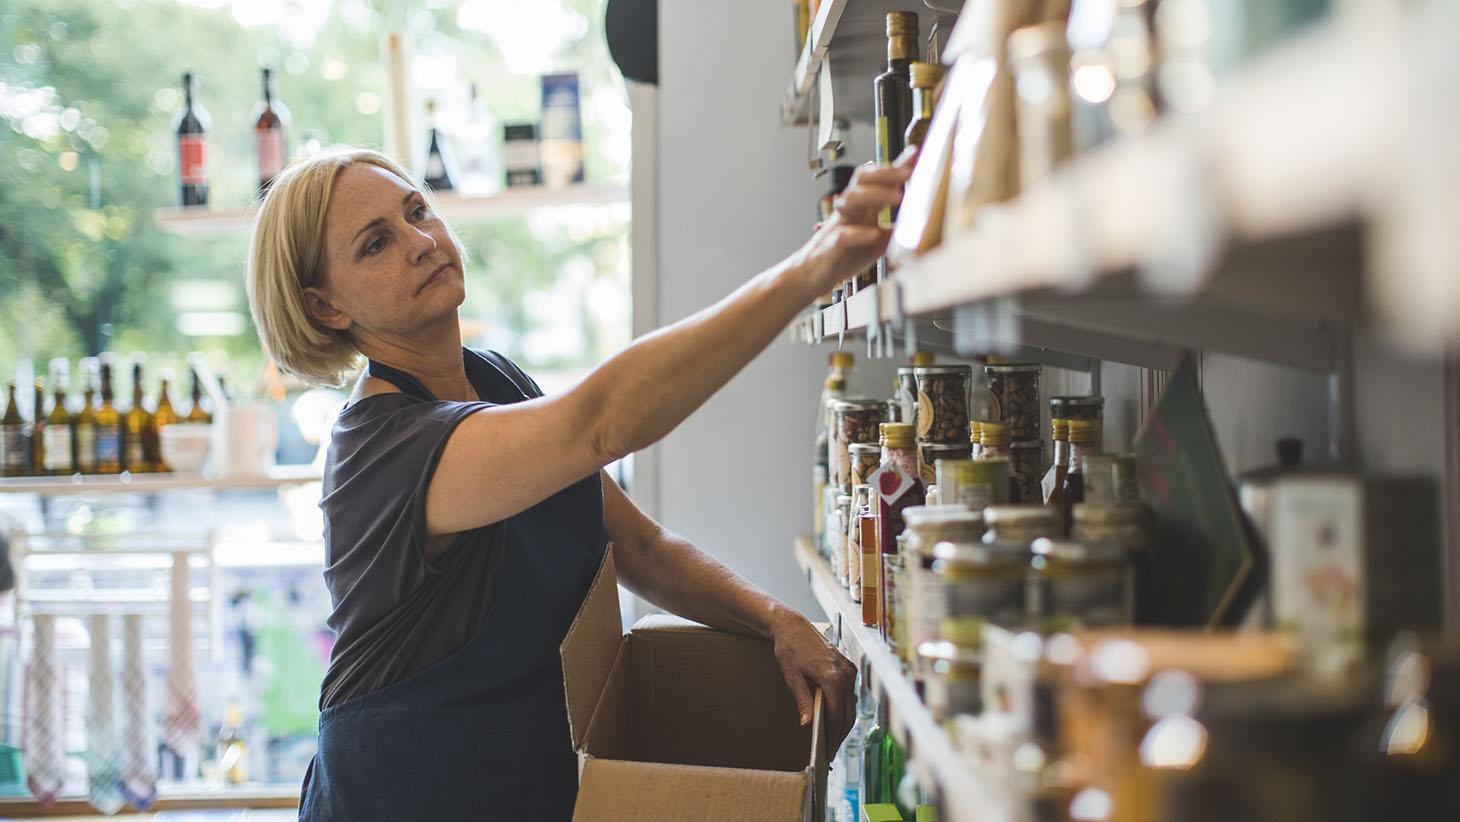 Säljare ställer fram produkter på hylla i butik